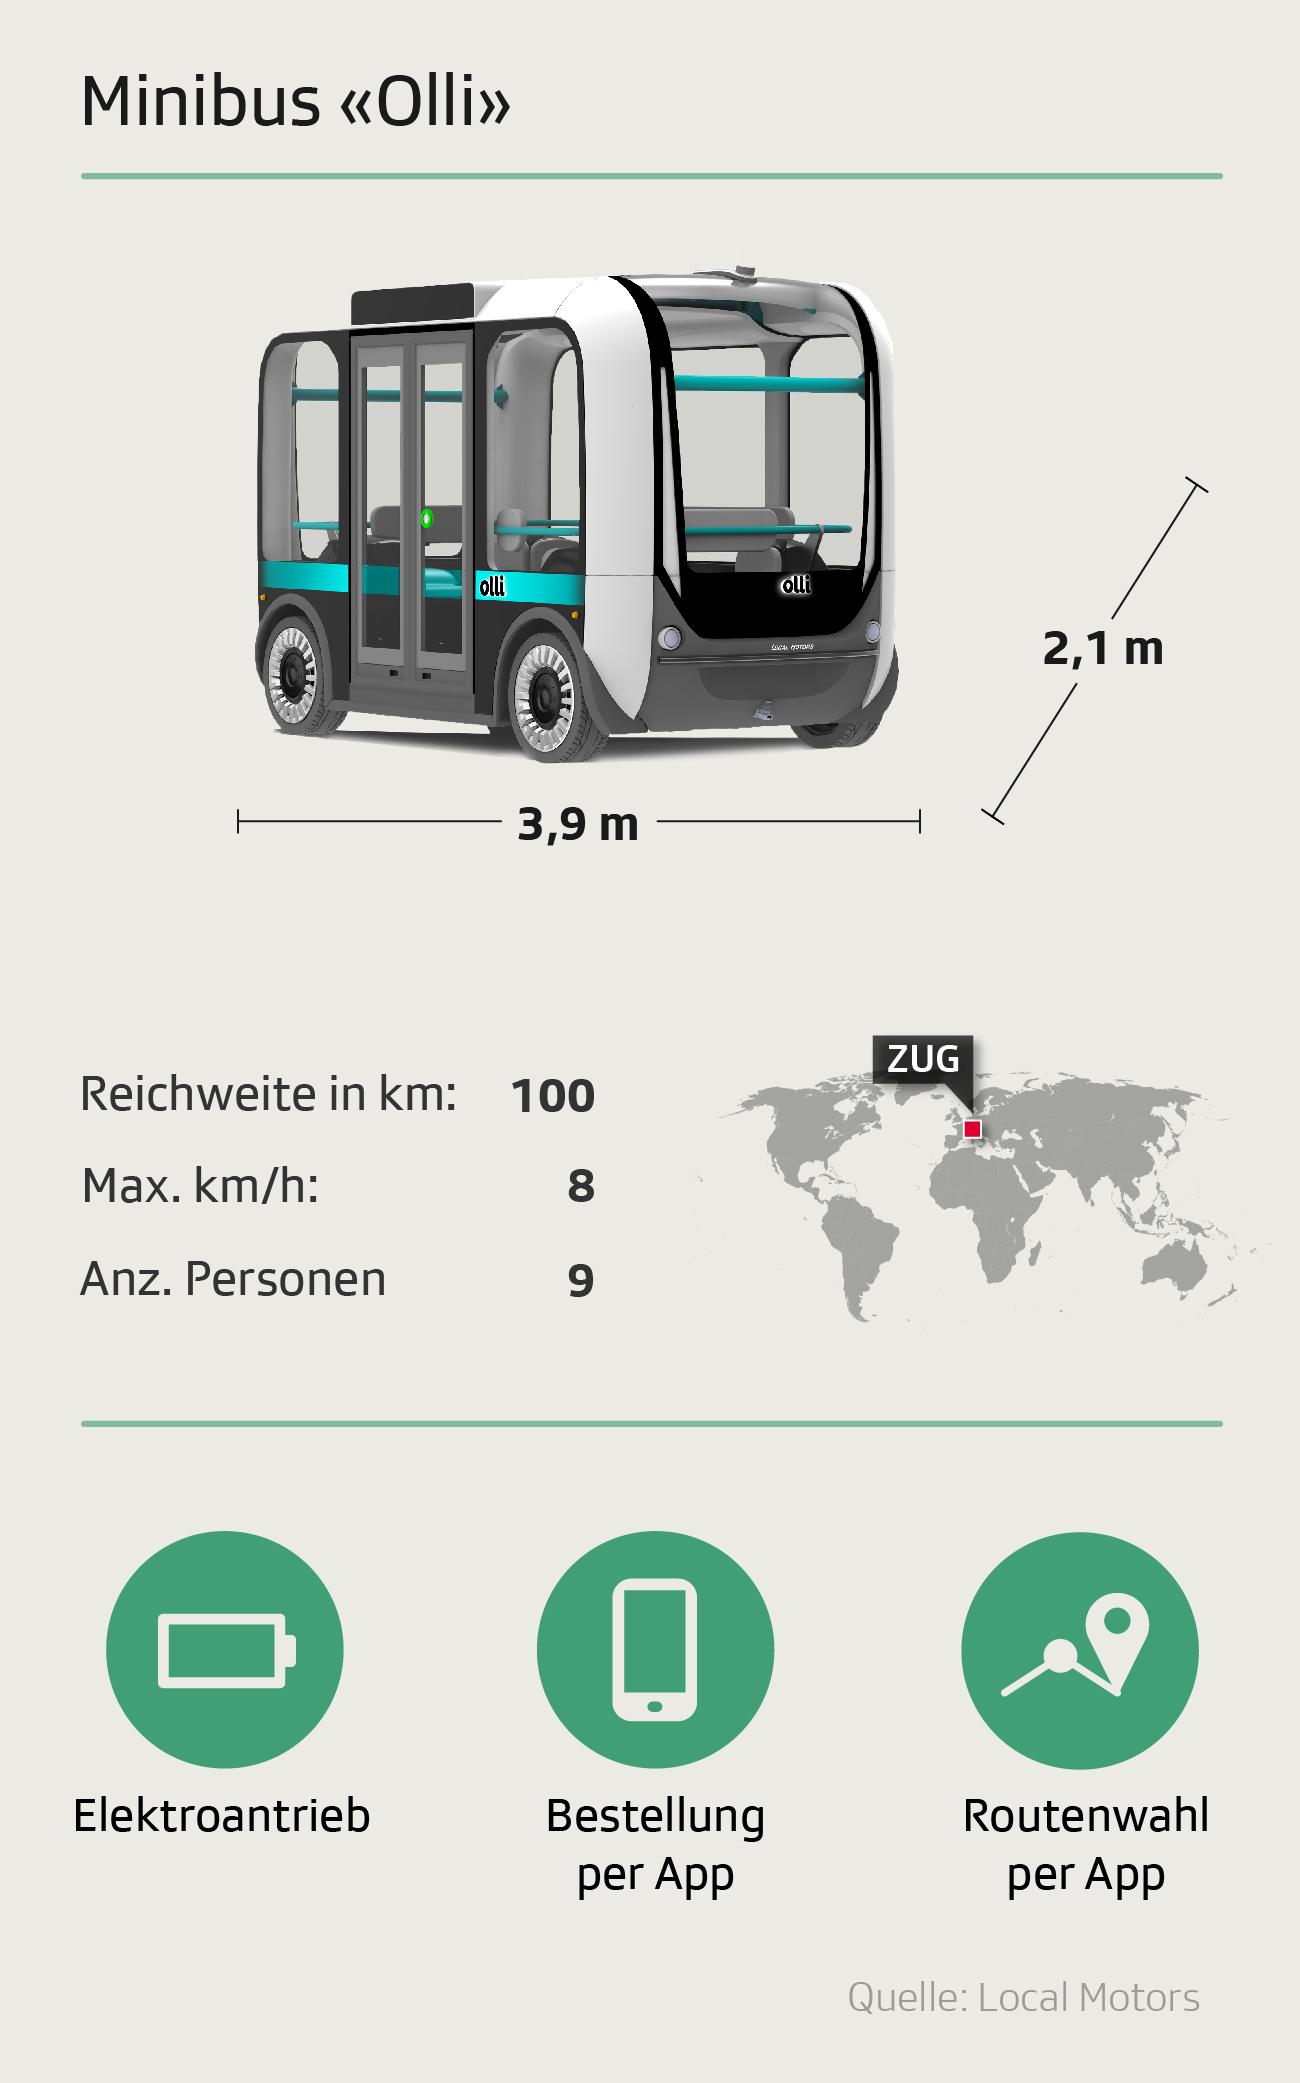 Der Minibus Olli mit einigen Daten